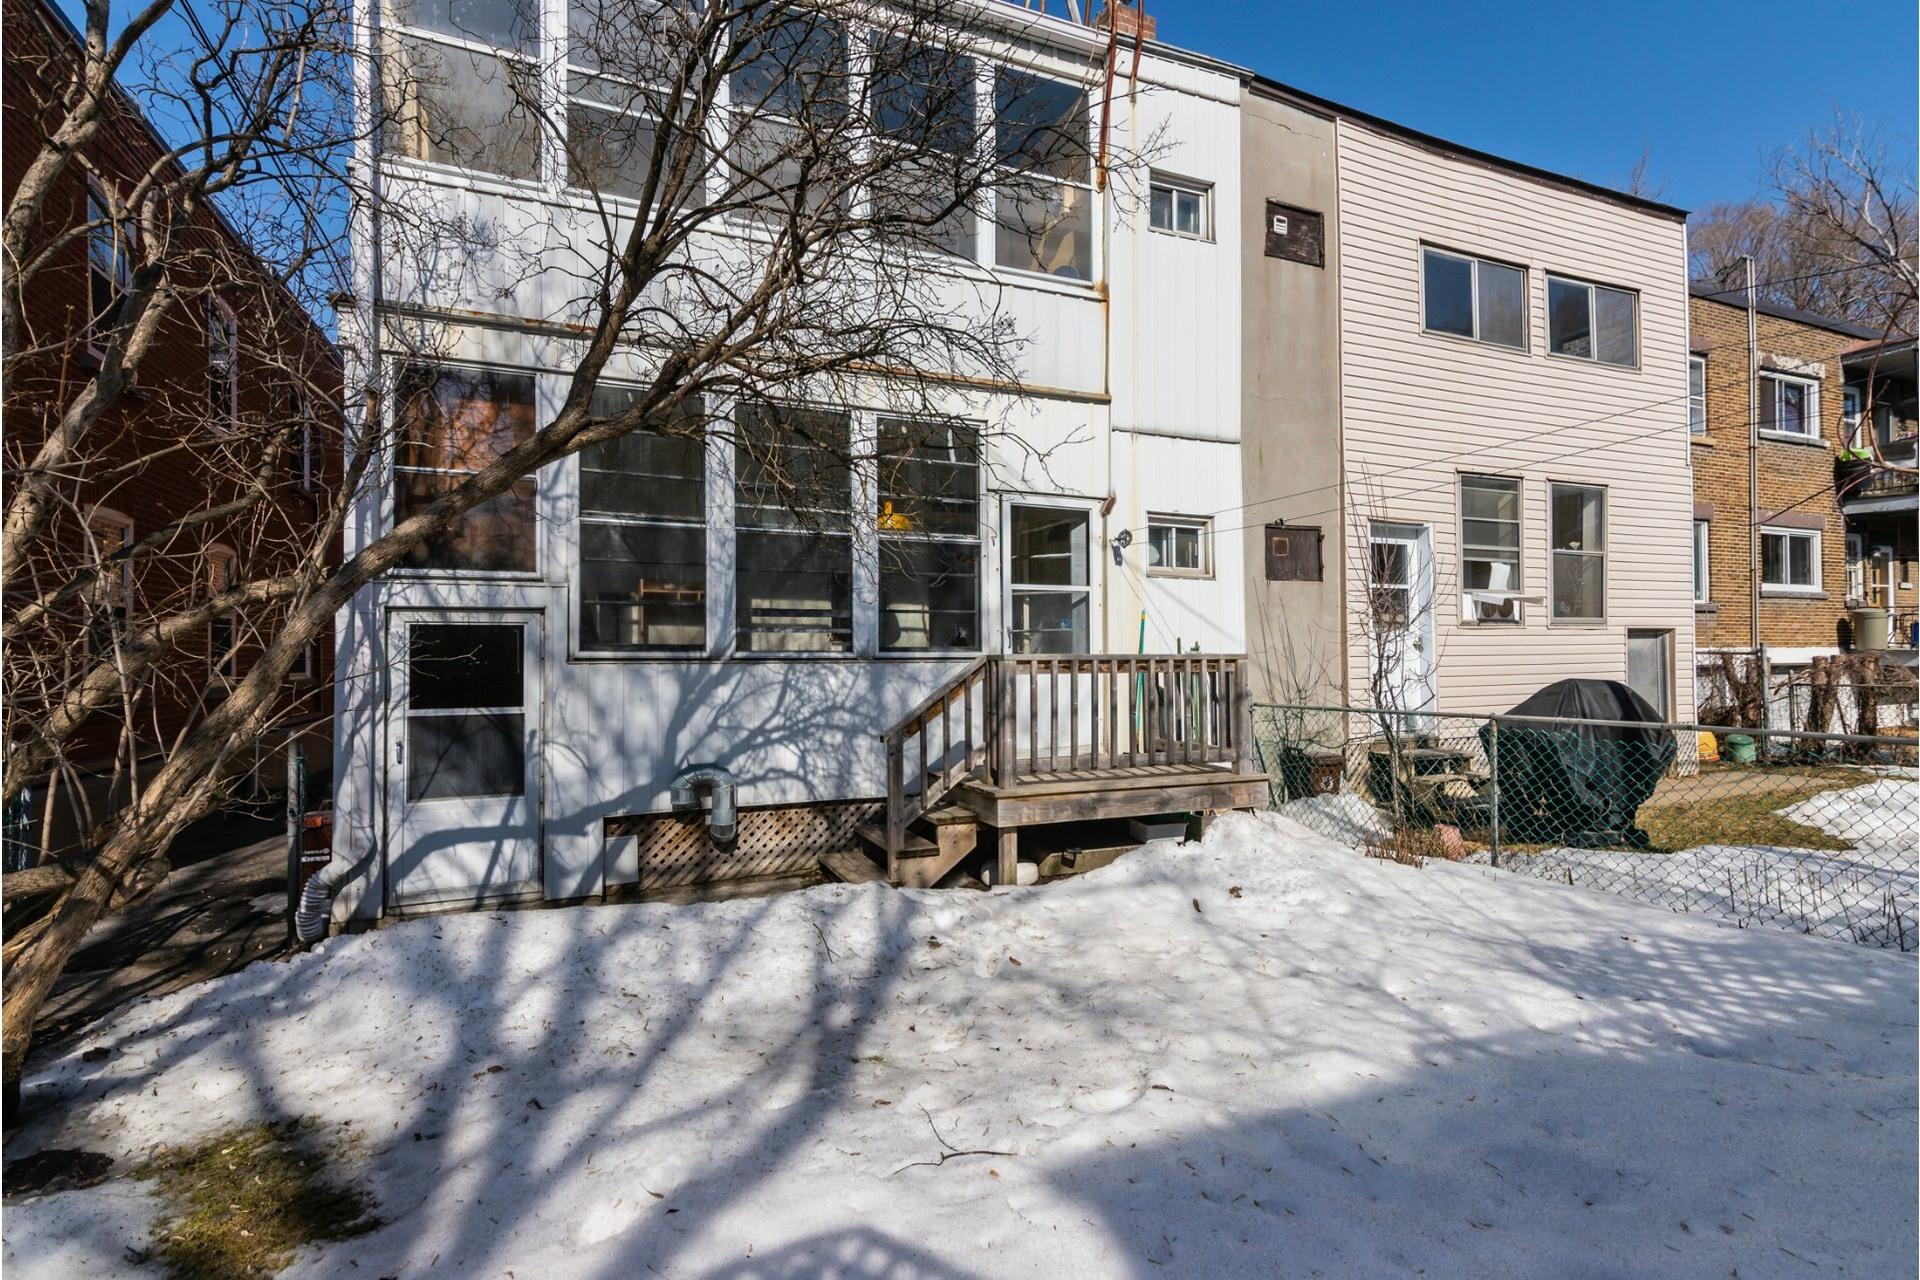 image 31 - Duplex À vendre Côte-des-Neiges/Notre-Dame-de-Grâce Montréal  - 6 pièces